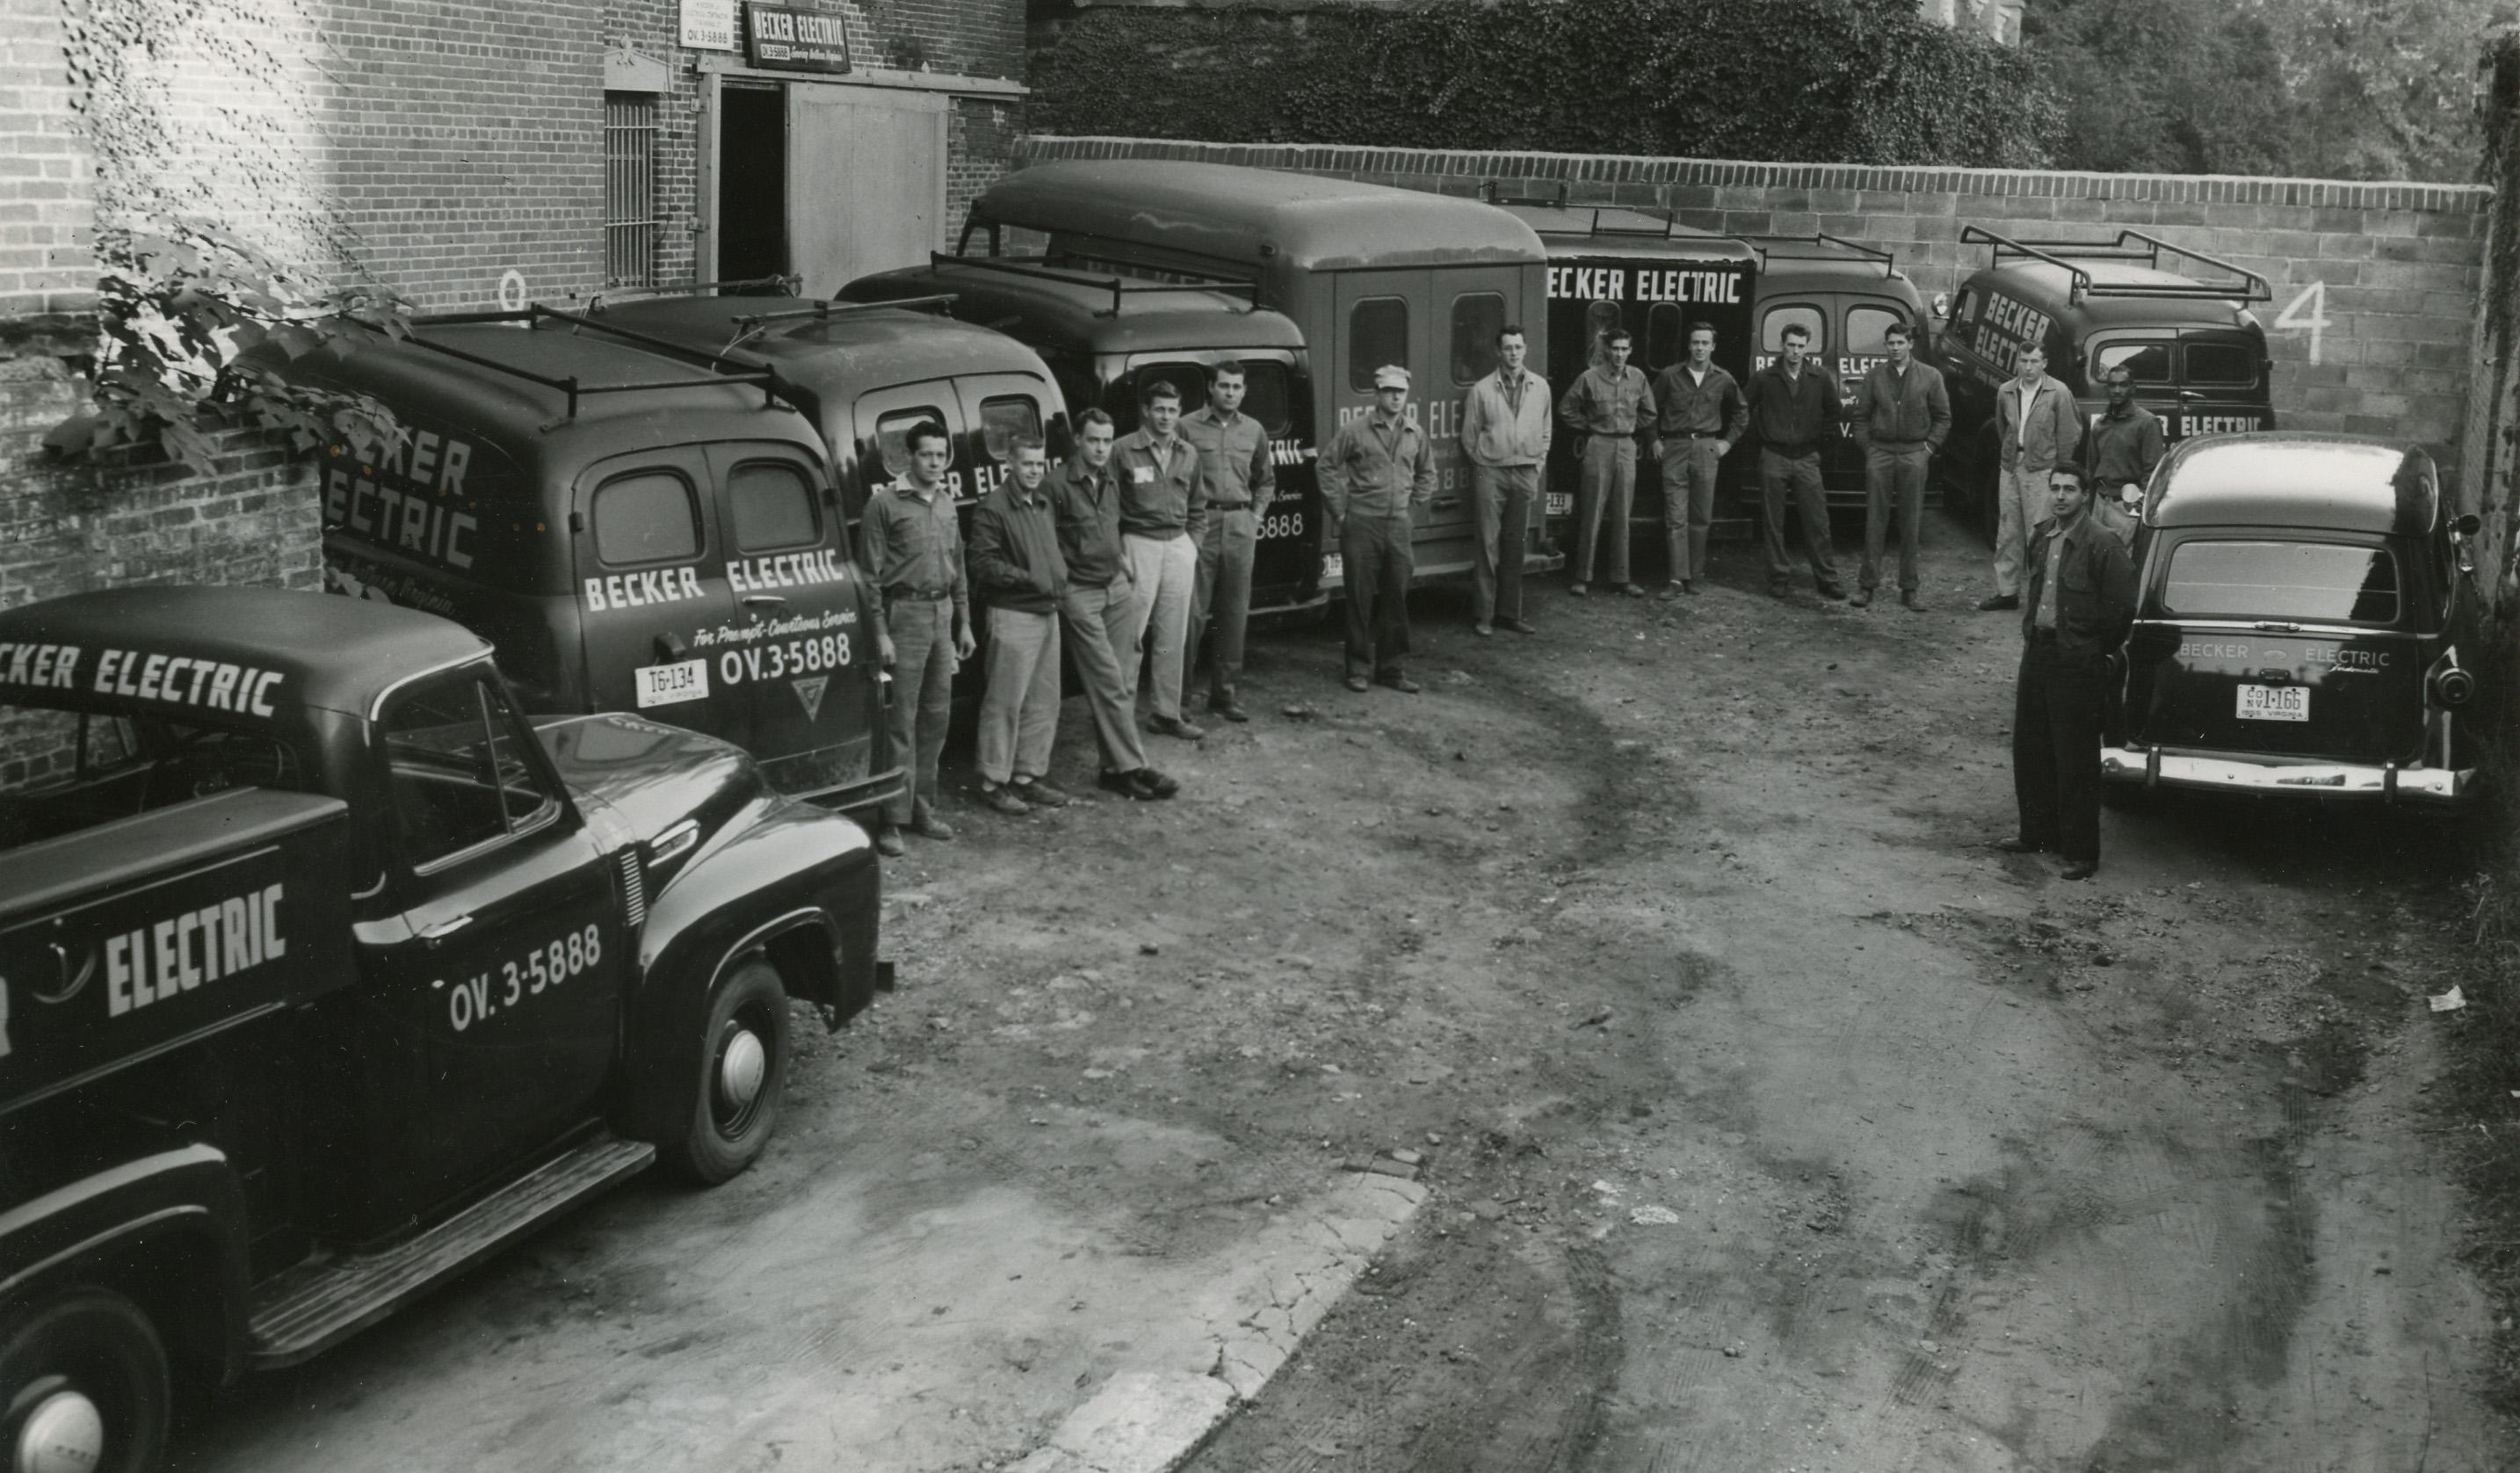 1950's Becker Electric Backyard